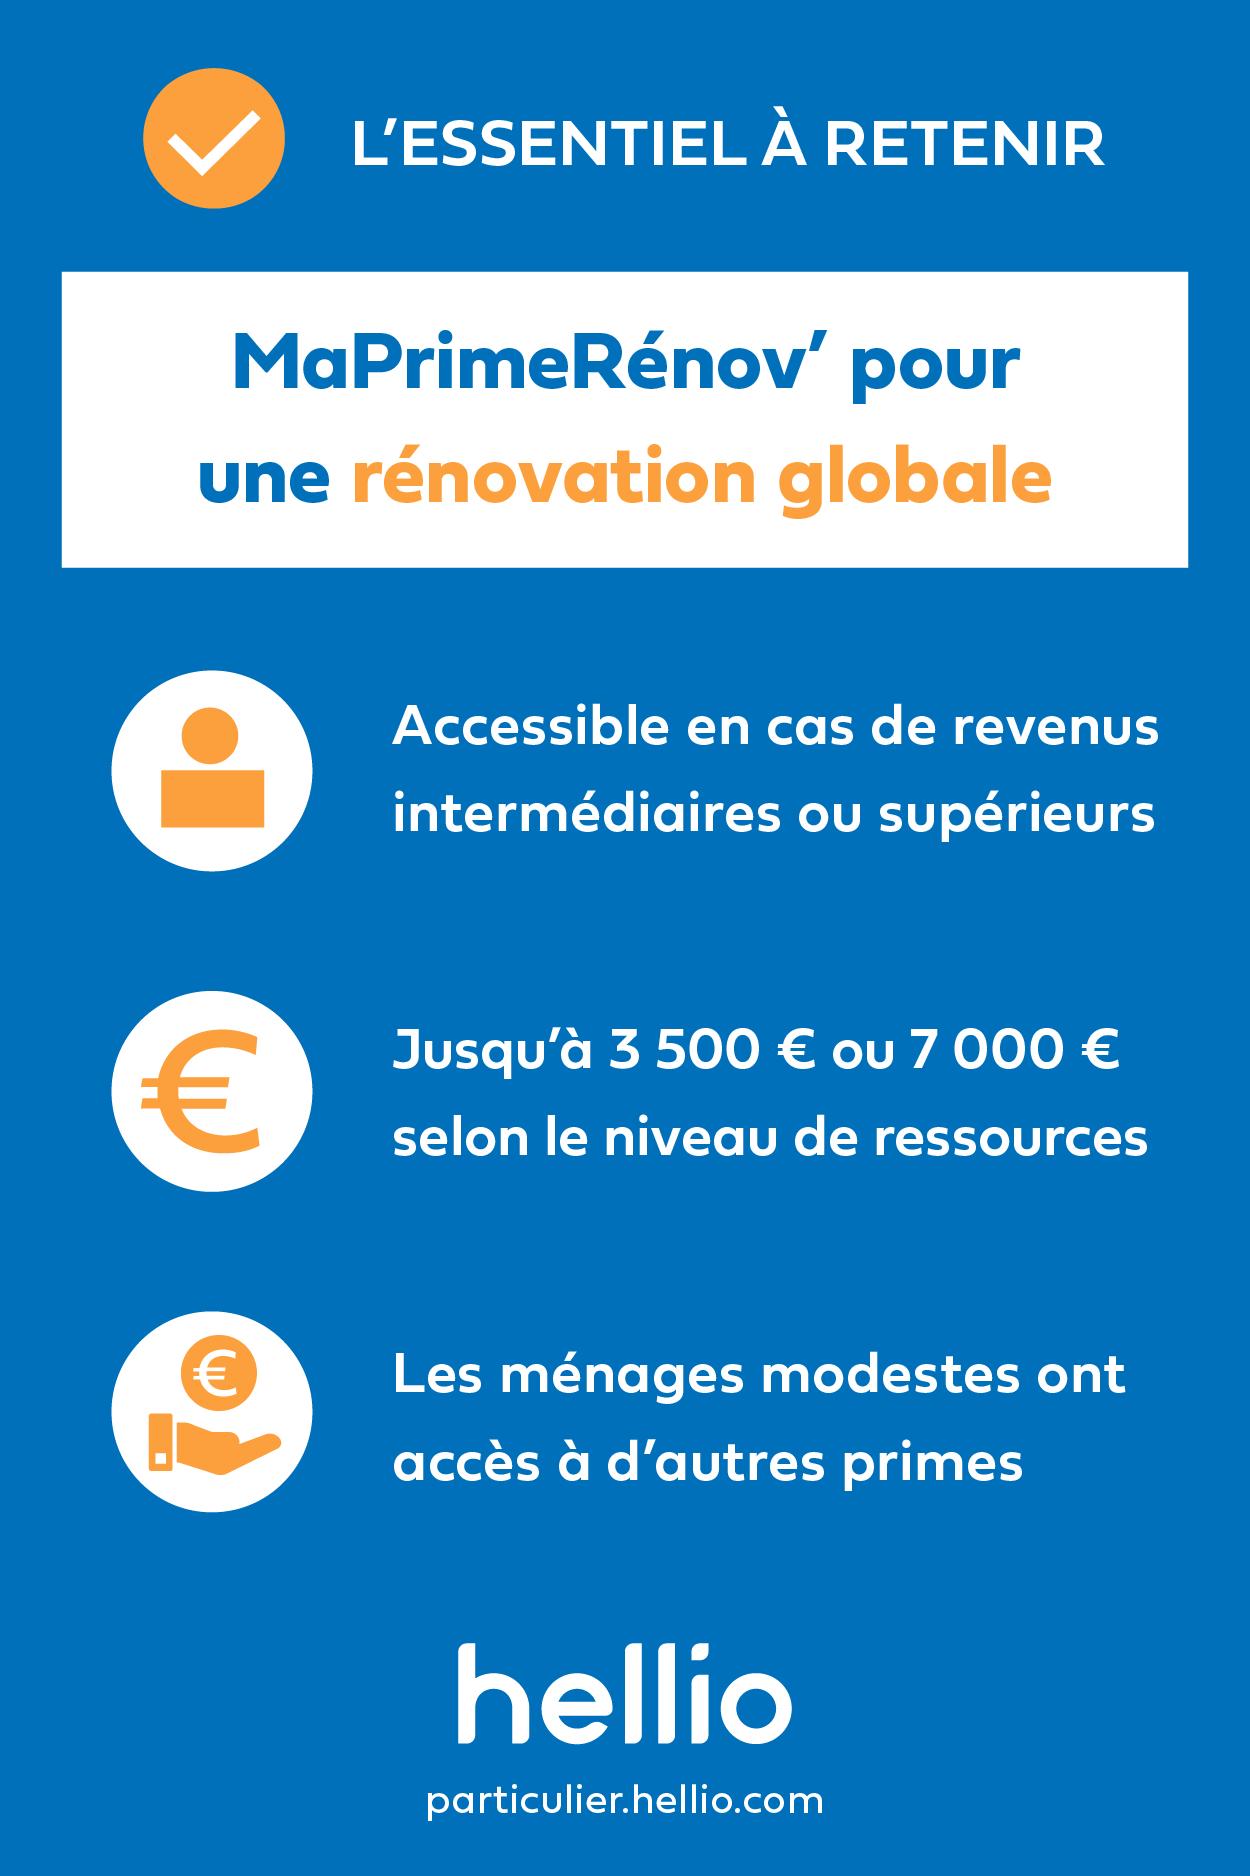 infographie-essentiel-retenir-hellio-particulier-maprimerenov-renovation-globale